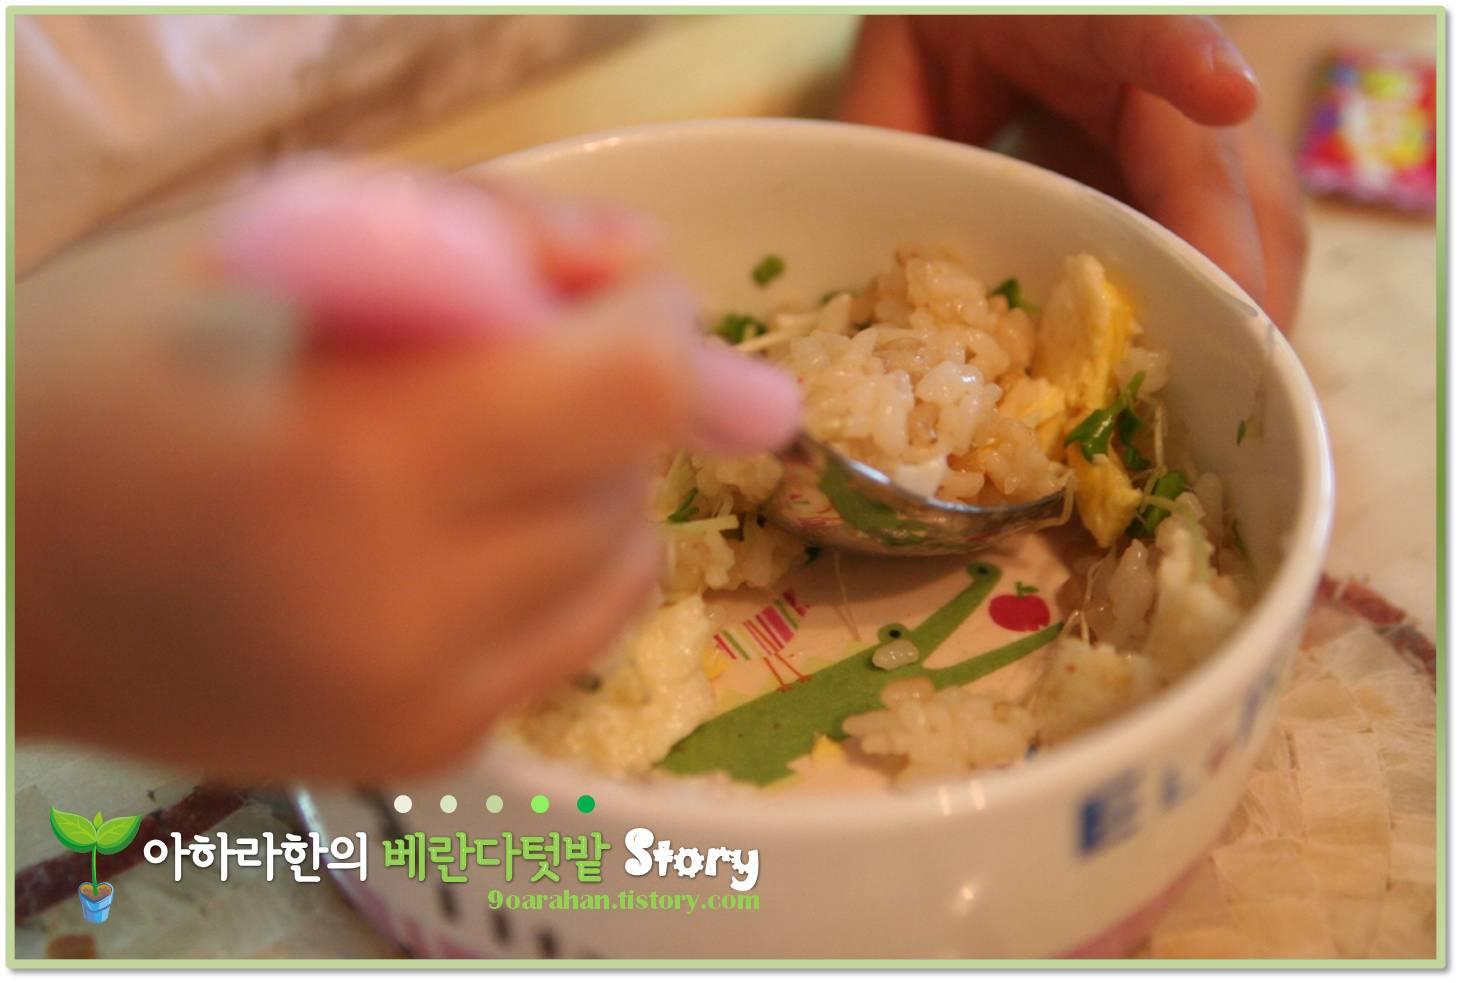 02_[새싹비빔밥] 딸과 함께 먹는 손쉬운 새싹비빔밥만드는법!